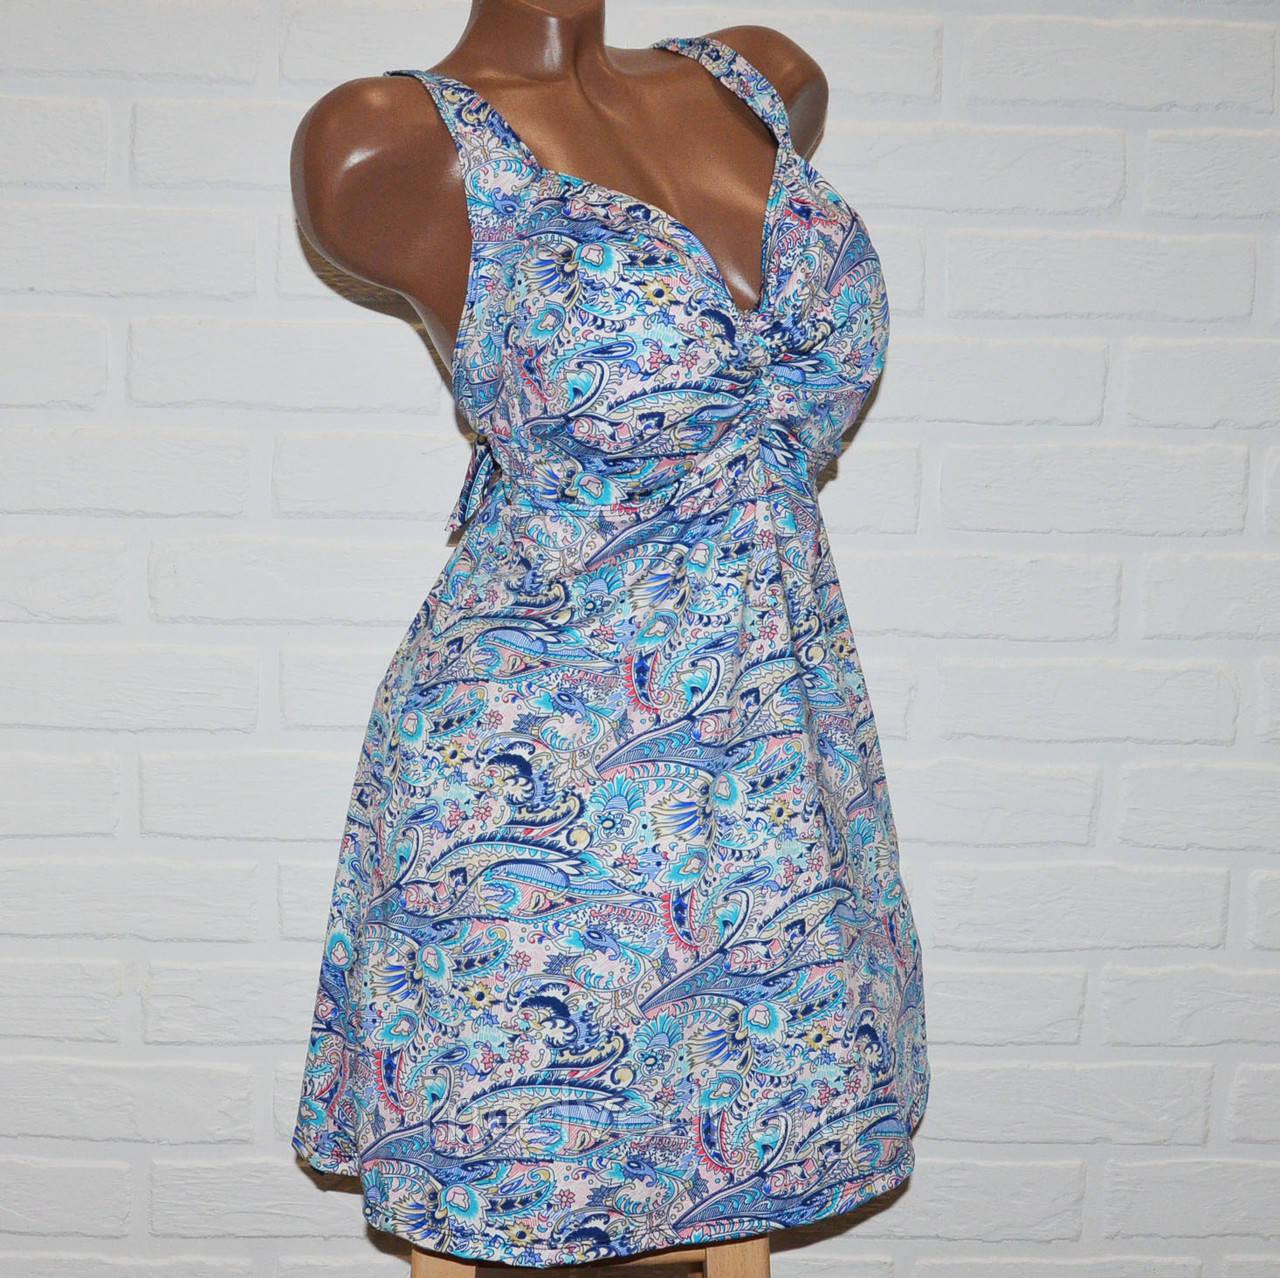 Купальник платье, размеры 64, 66, 68 женский танкини разноцветный узор